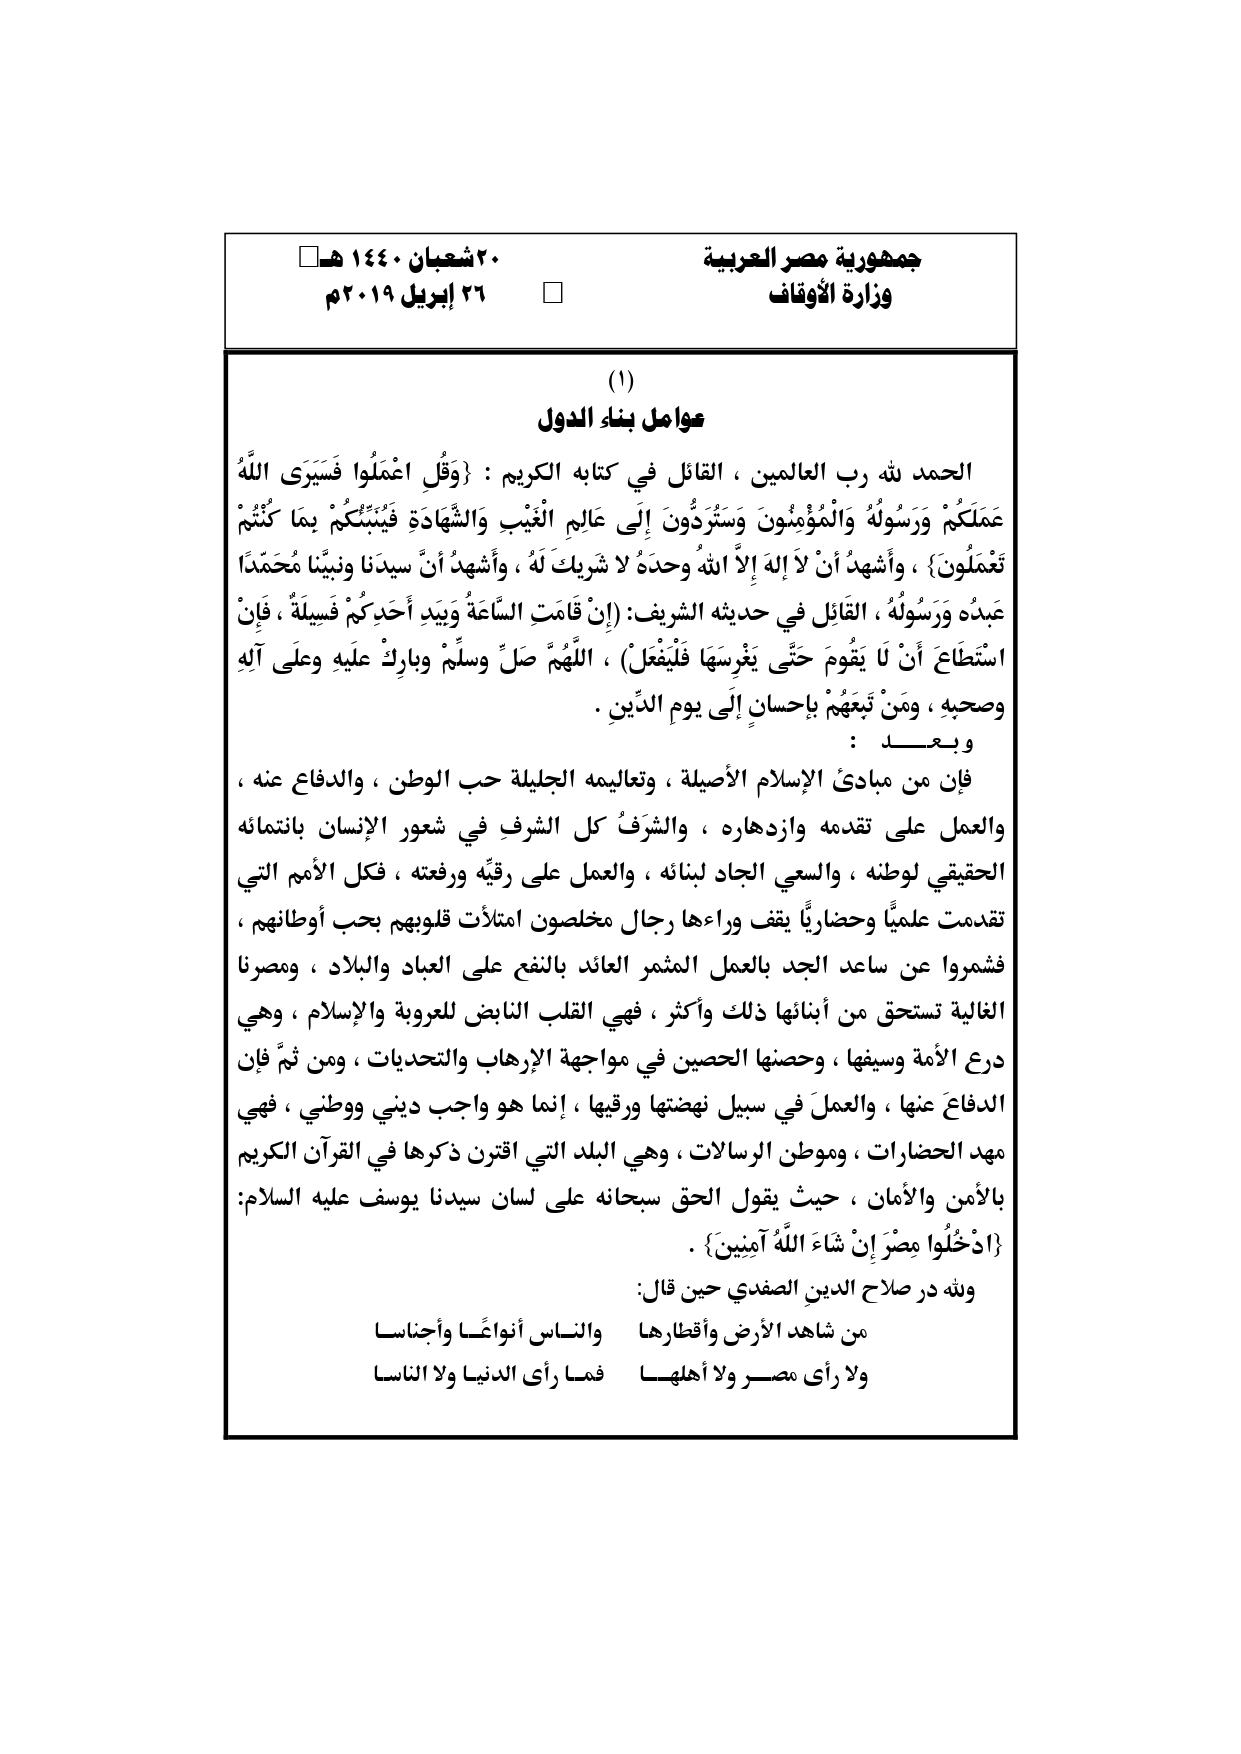 خطبة الجمعة القادمة لوزارة الاوقاف المصرية عوامل بناء الدول